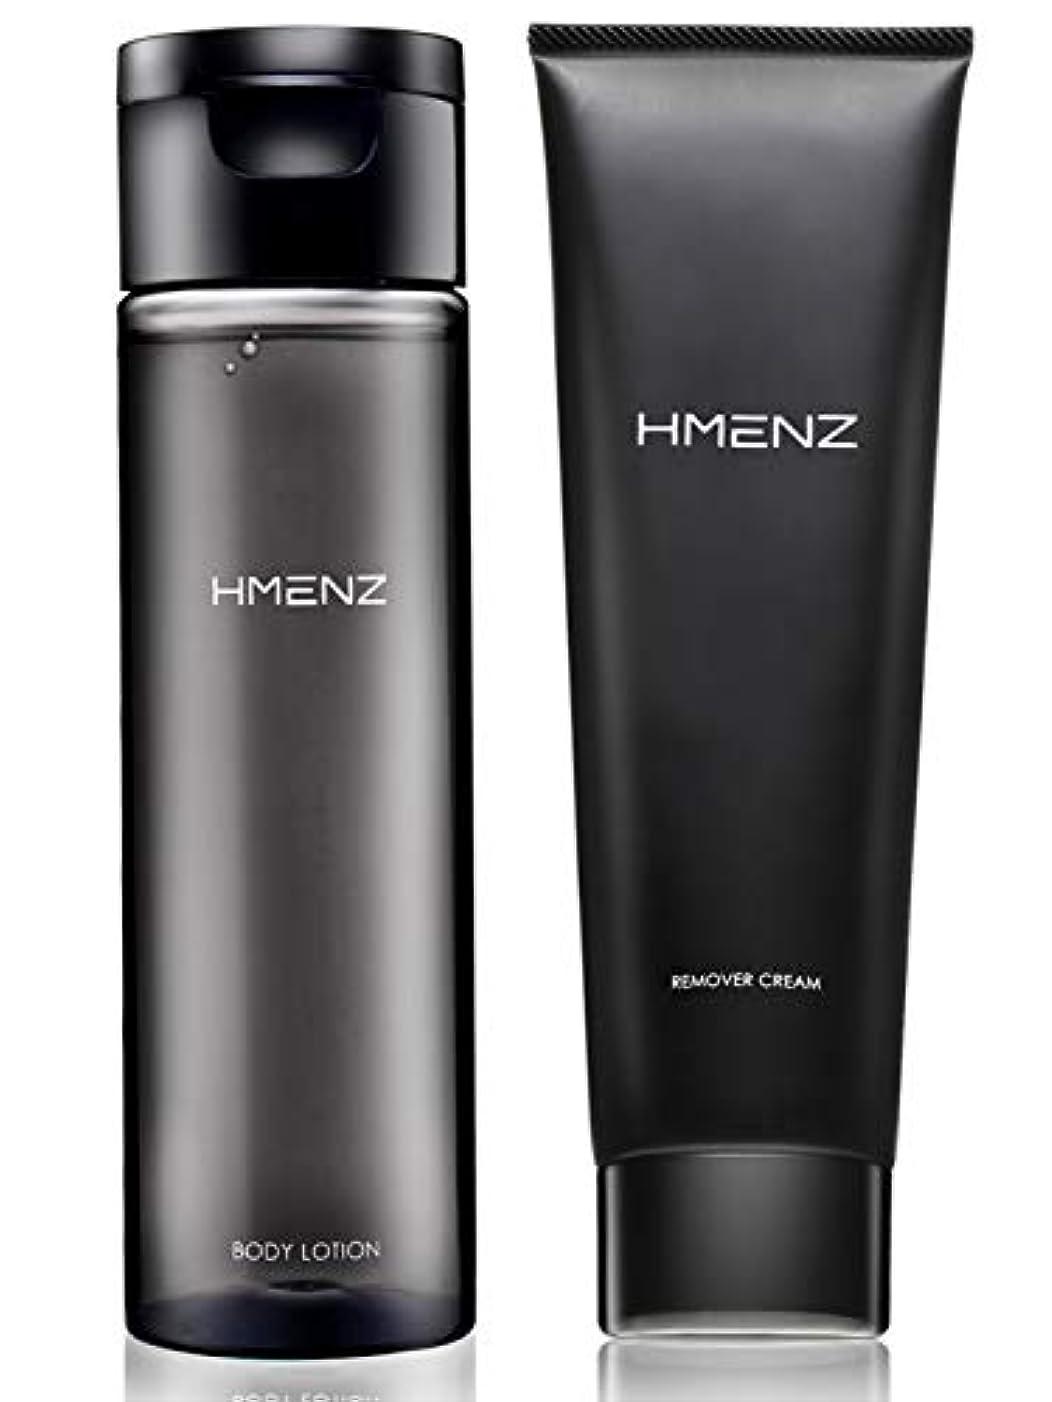 スクラッチ義務的最悪医薬部外品 HMENZ メンズ 除毛クリーム + アフターシェーブローション 【 パーフェクト 除毛 セット 】 陰部 VIO 使用可能 210g & 250ml